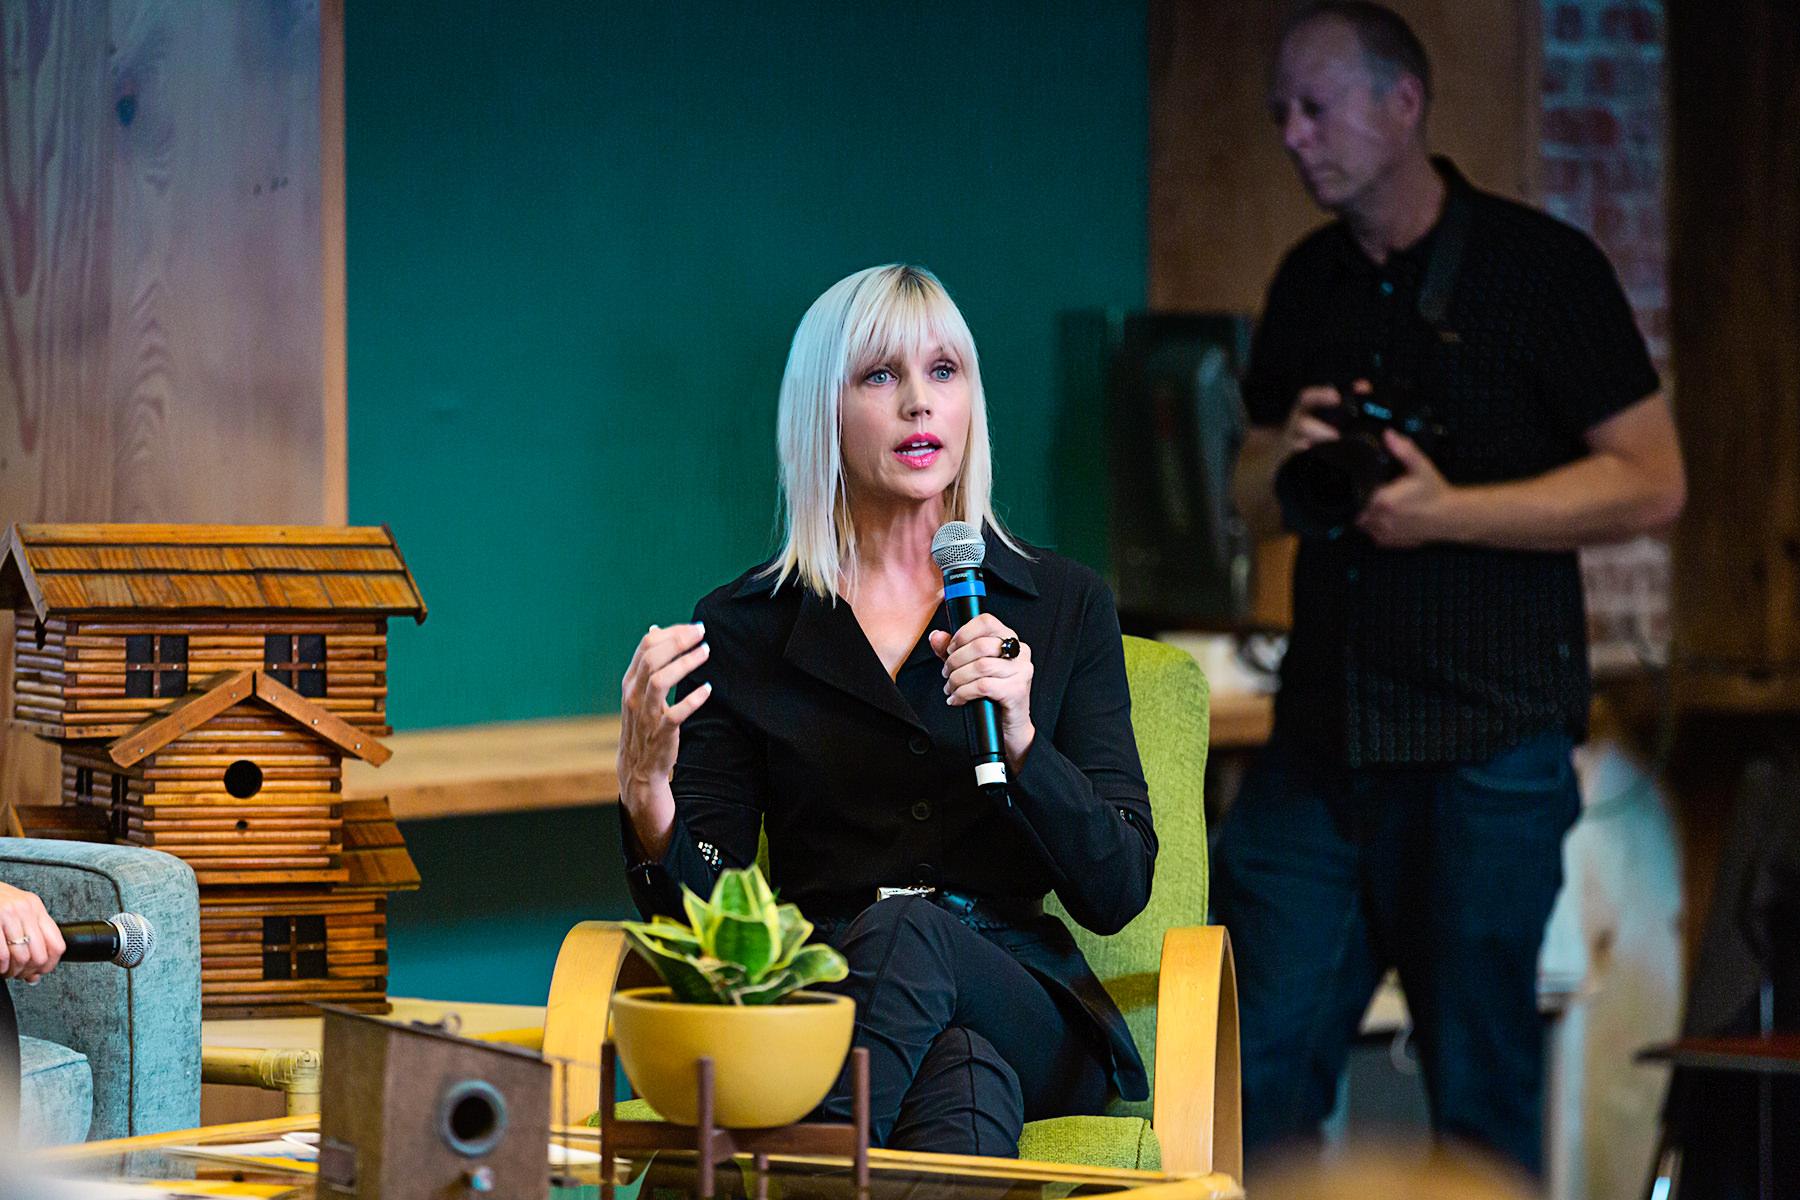 Speaking at YBL